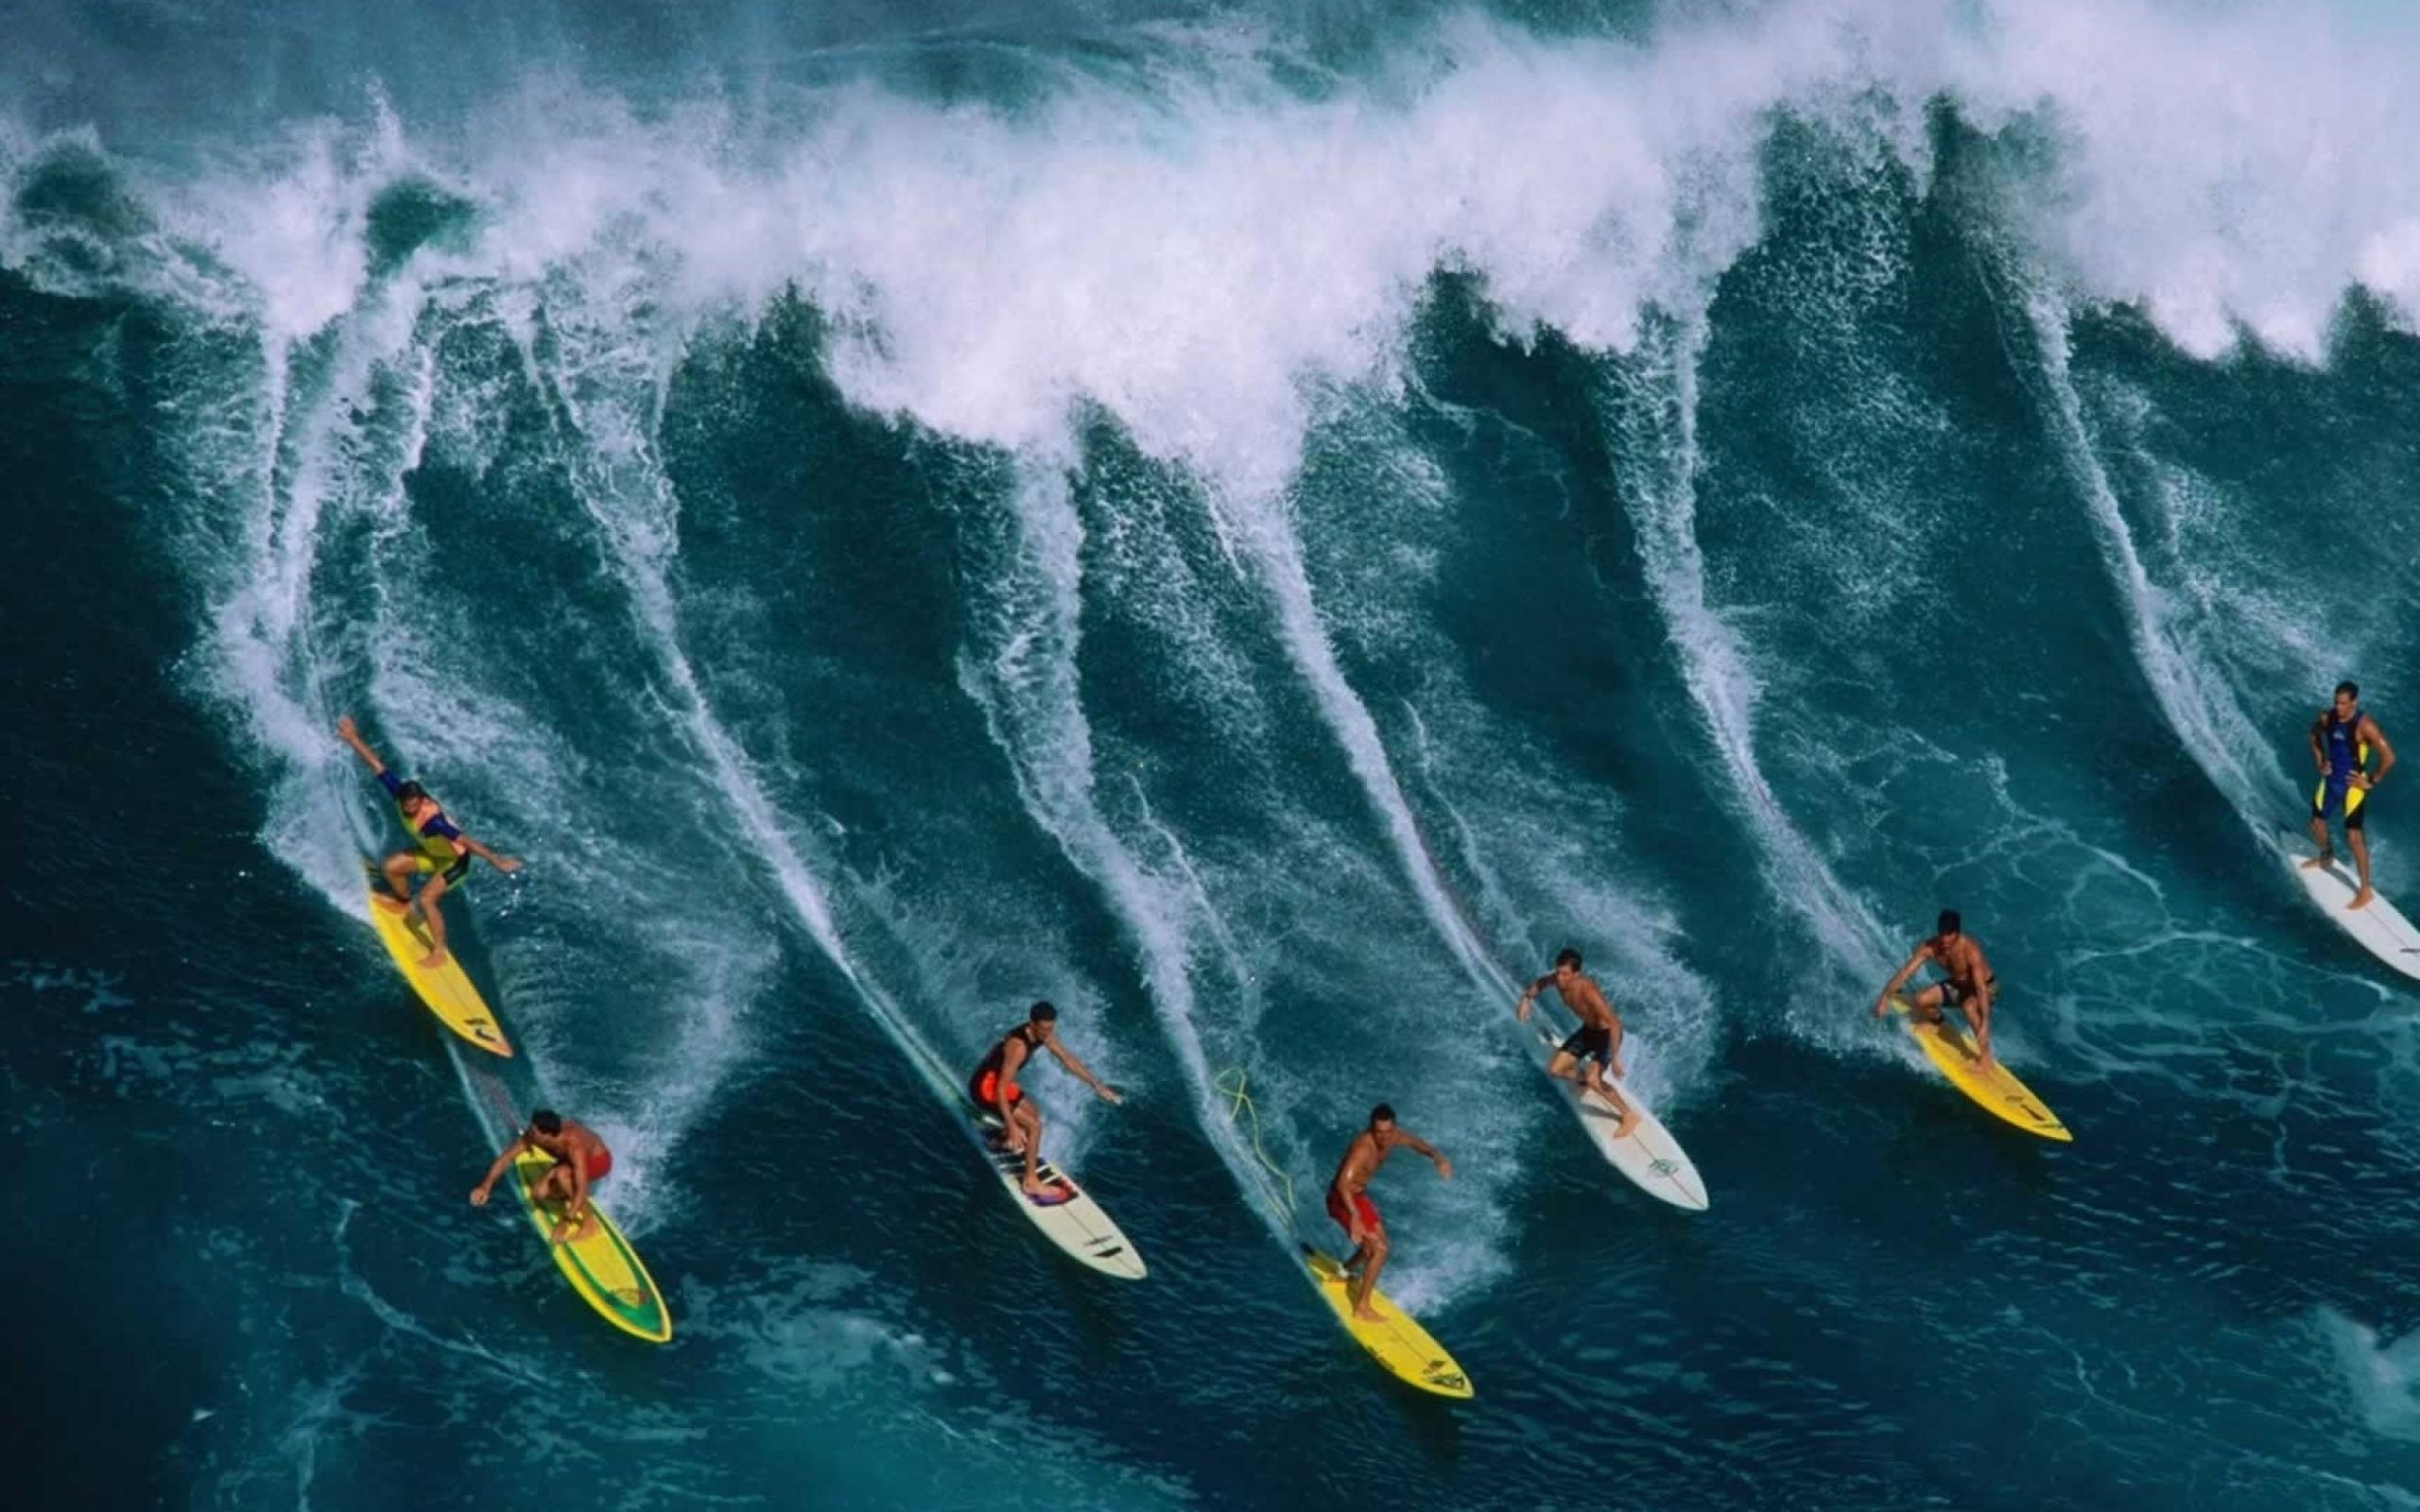 URL httpwwwsmscscomphotosurfing wallpaper 1920x108030html 2560x1600